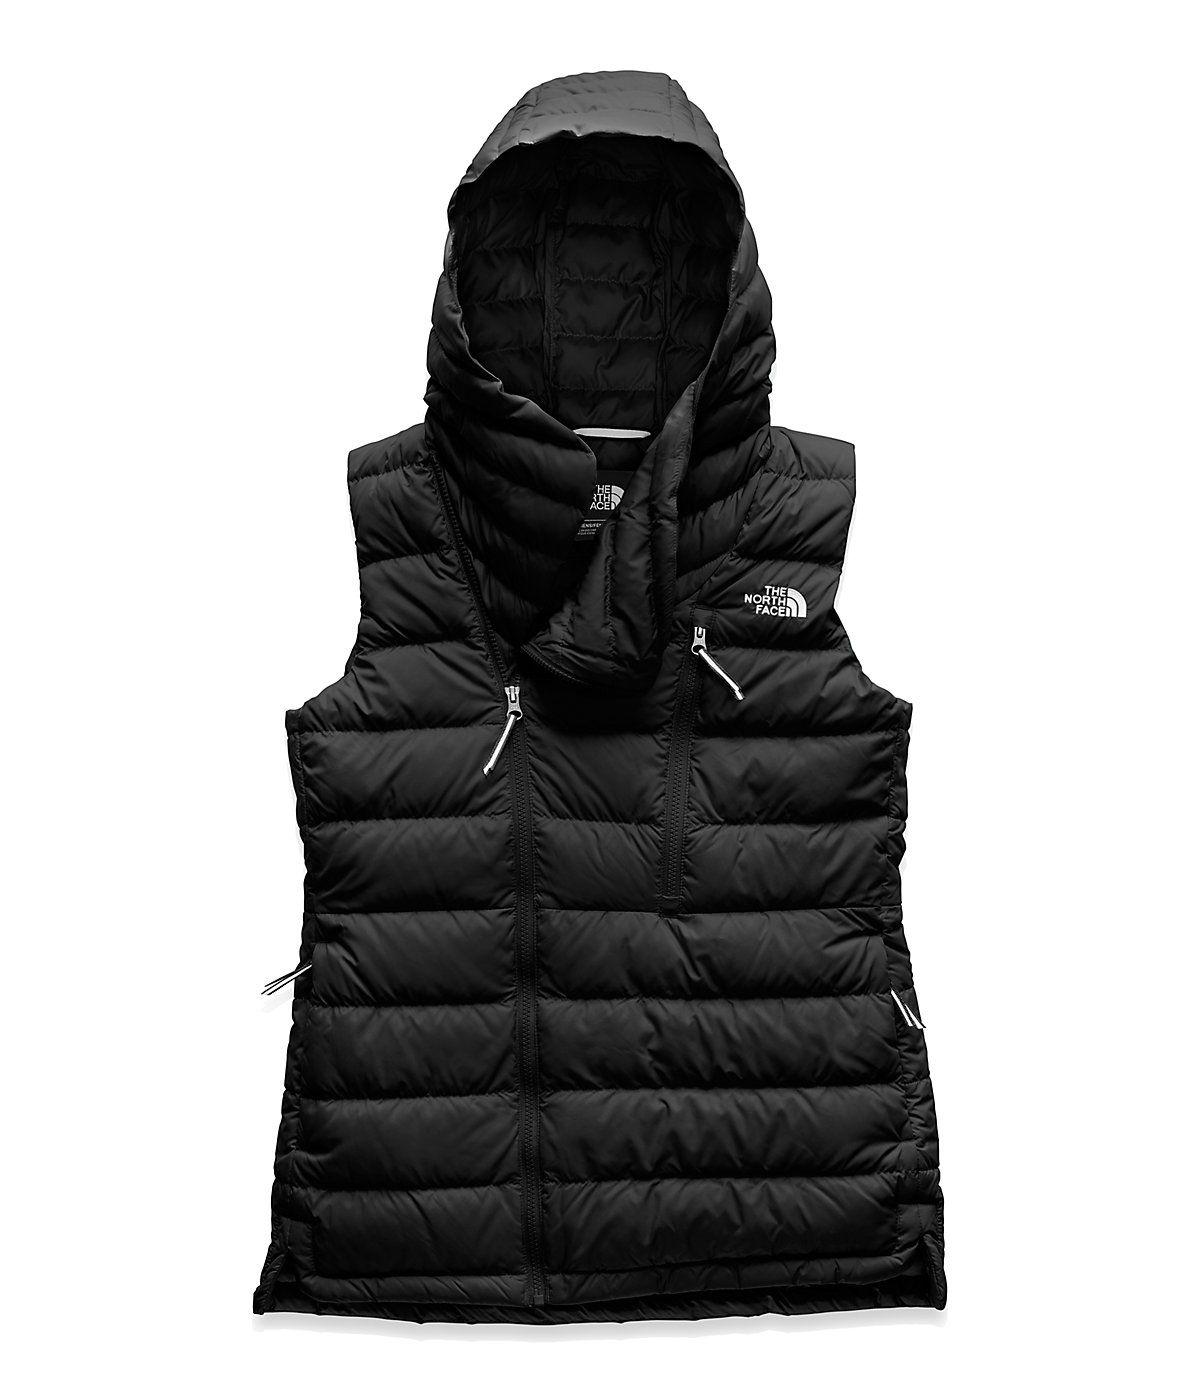 2c0e56ac60f0 The North Face Women s Niche Vest